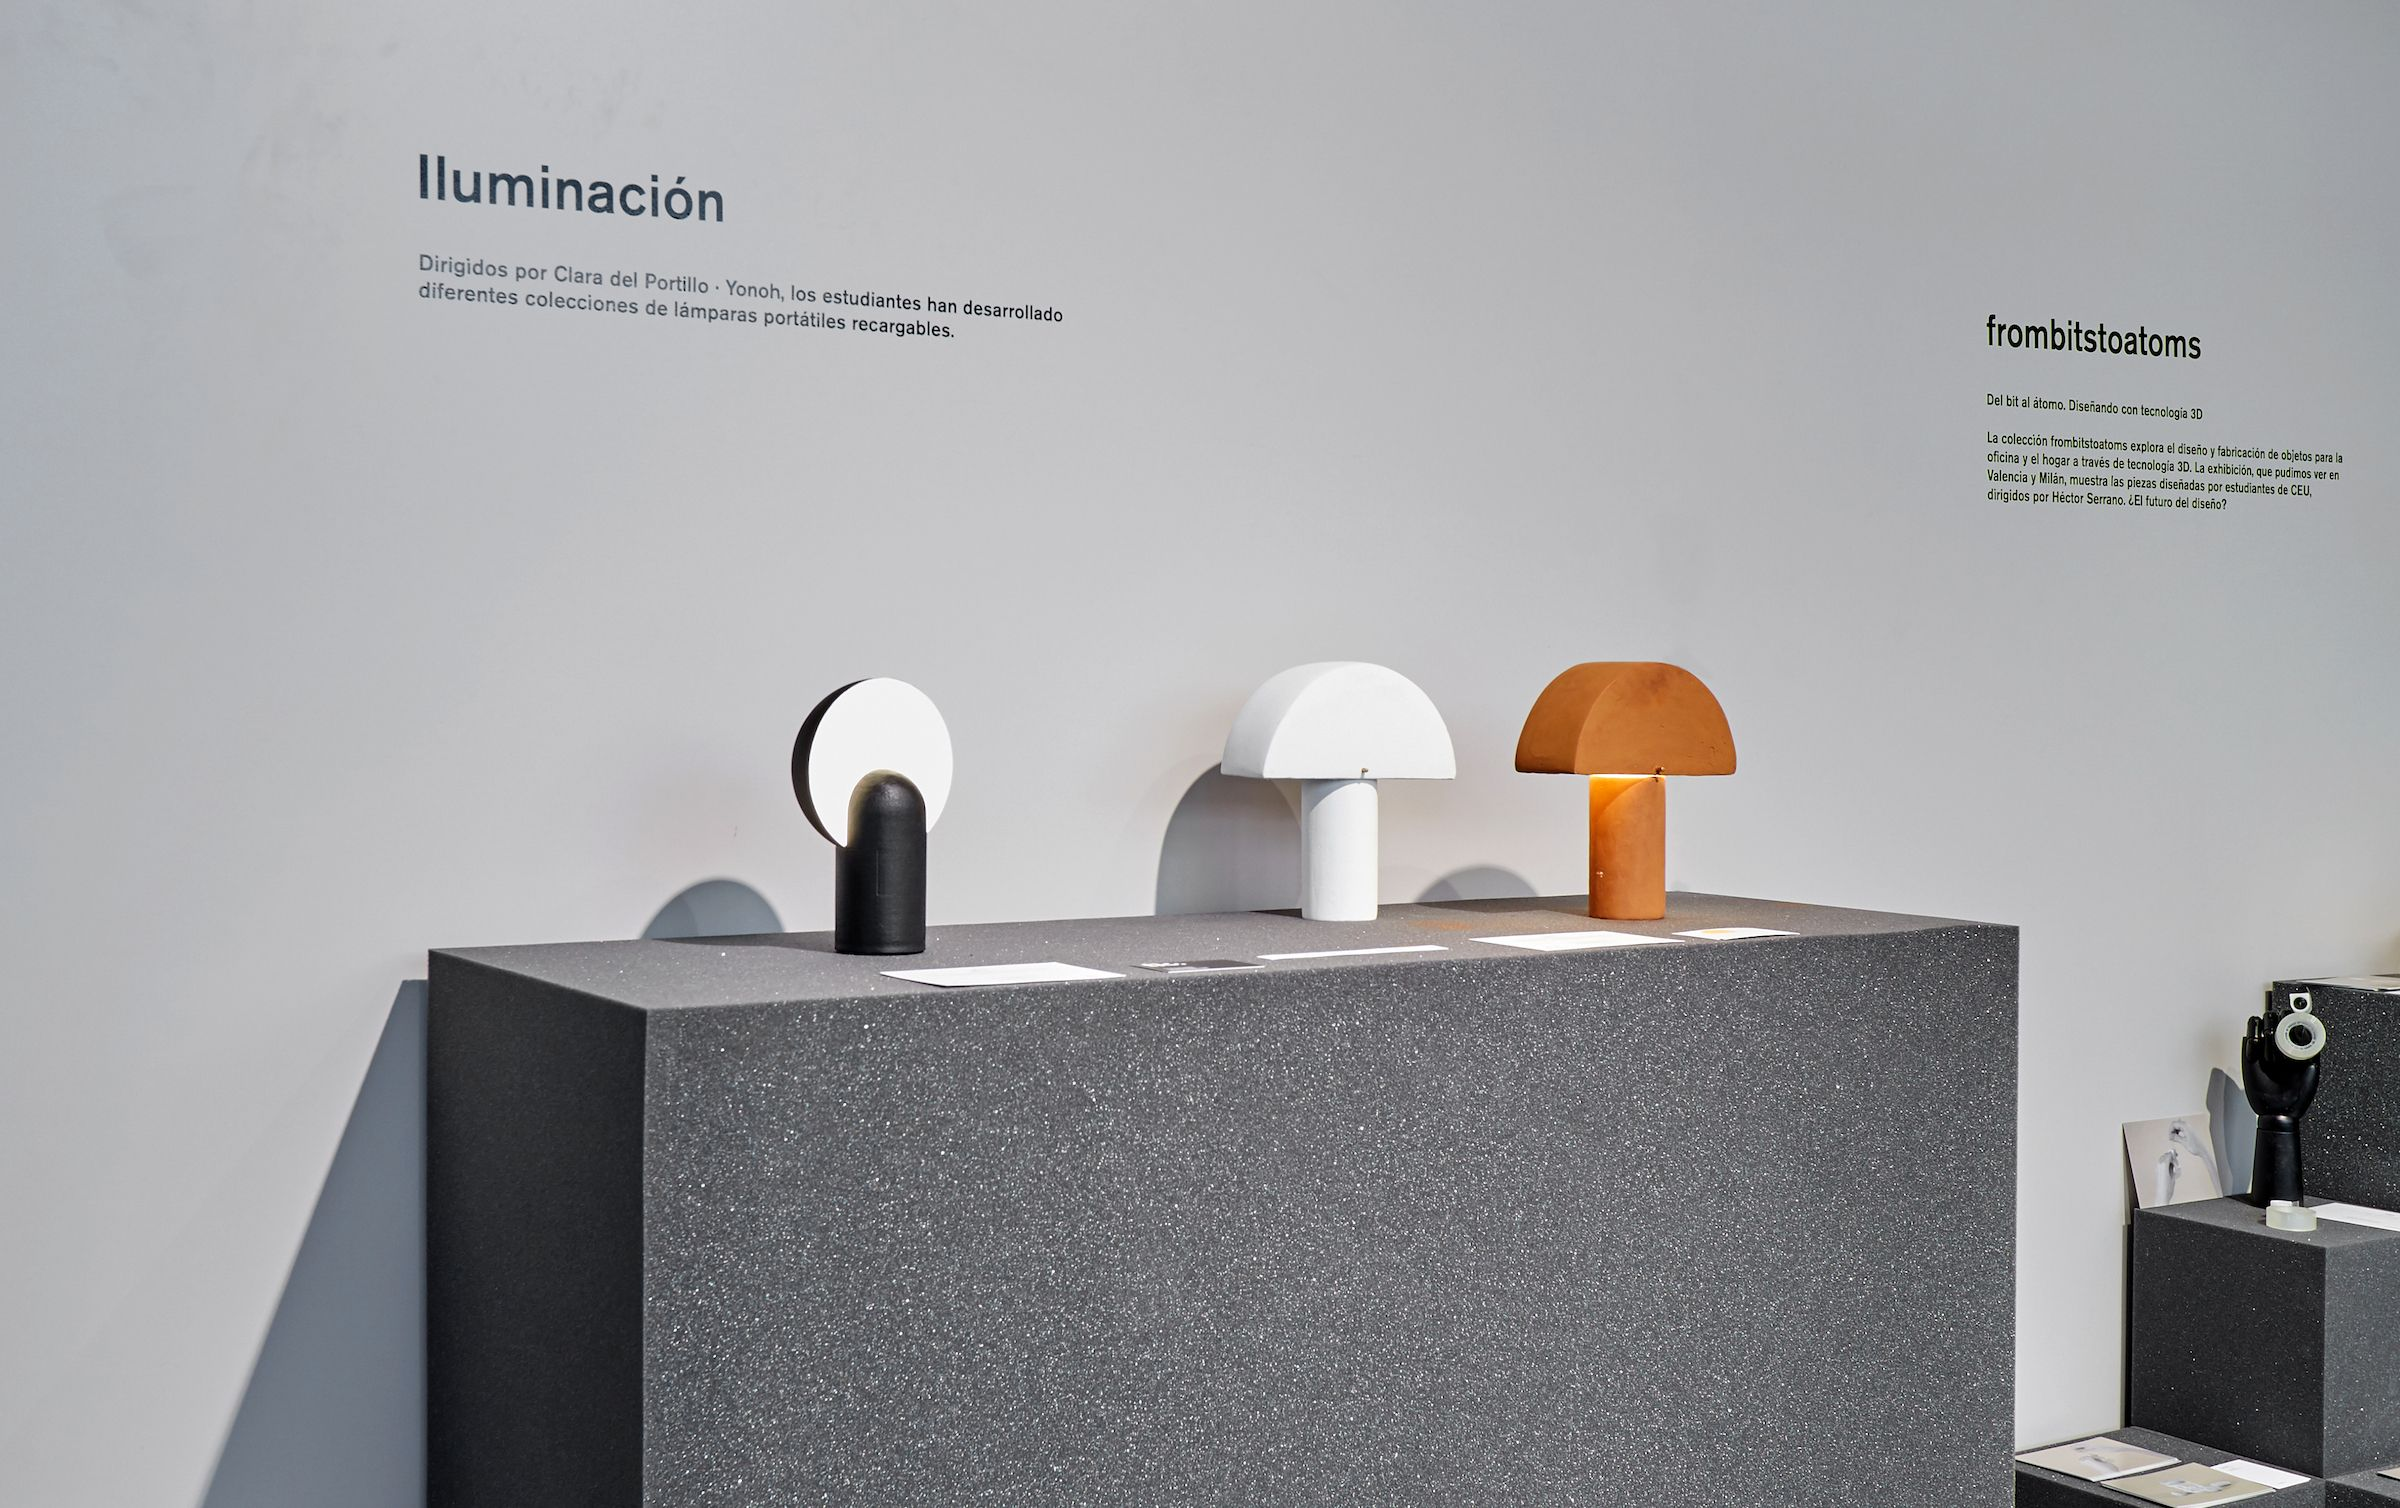 Los diseños Lighting, de estudiantes del CEU, en Nude 2019.